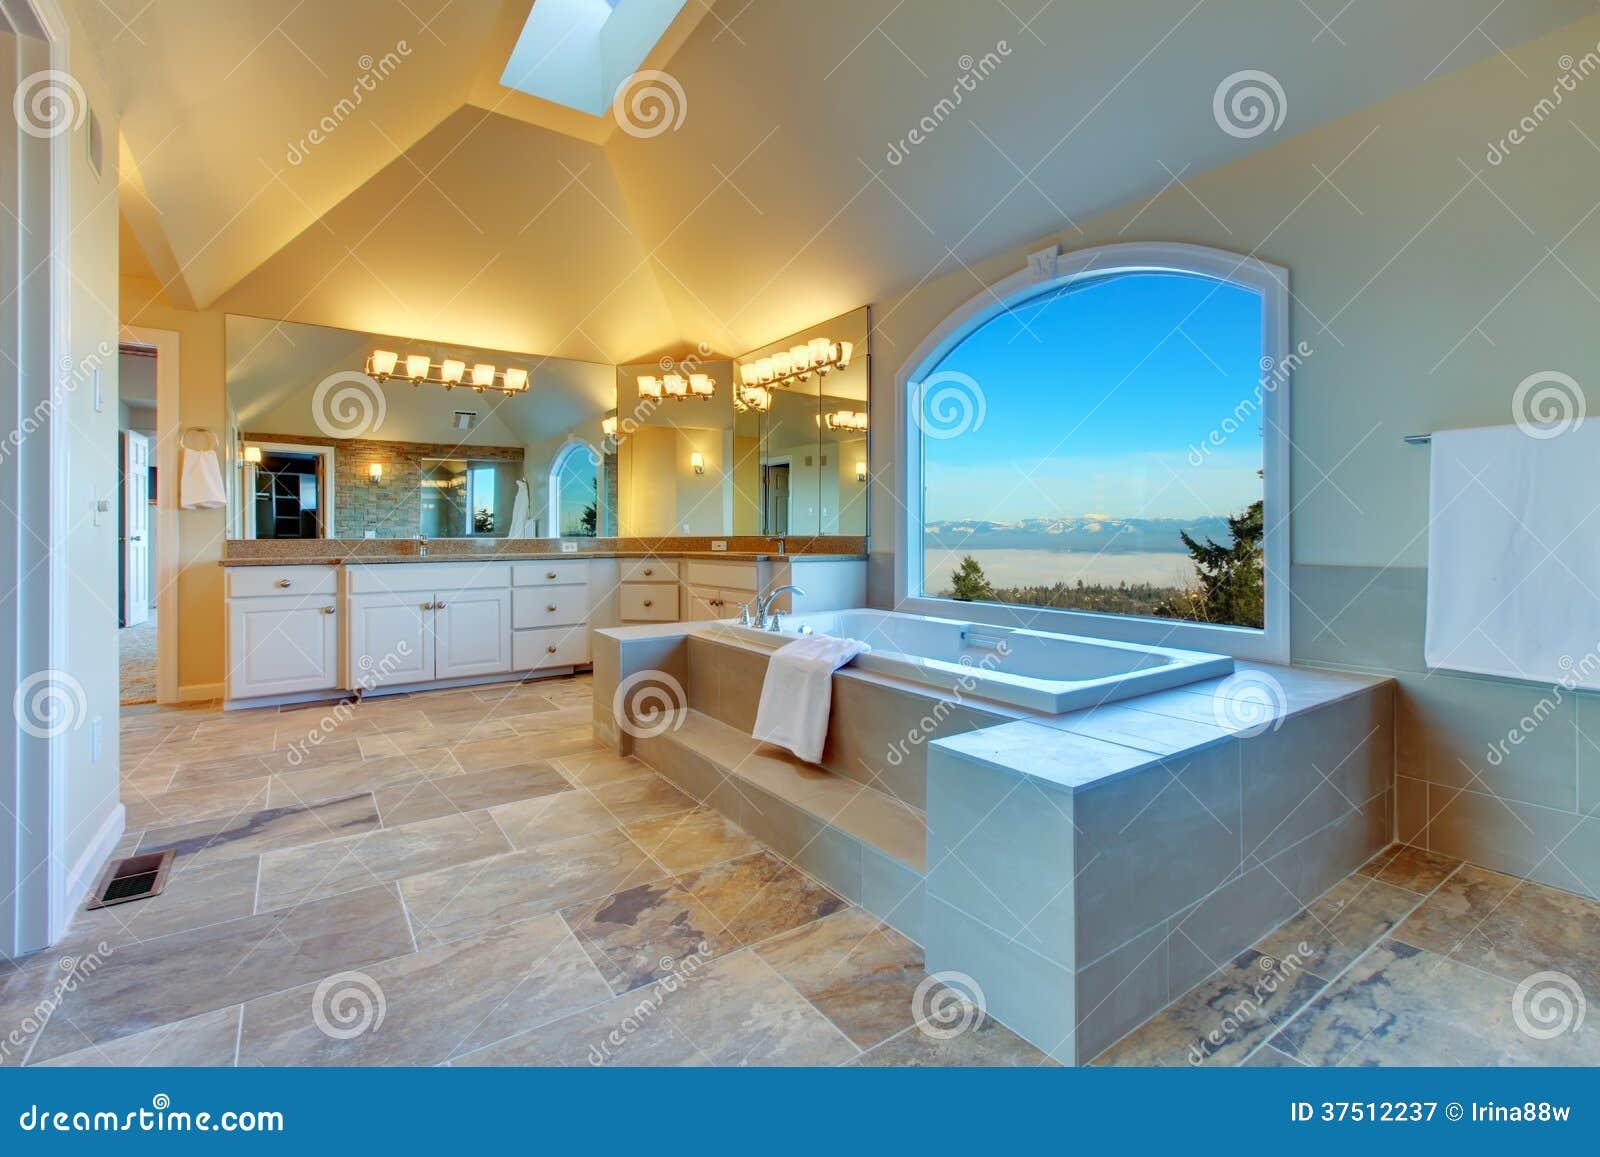 Banheiro Exuberante Com Redemoinho E Opinião Surpreendente Da Janela  #068EC5 1300x957 Banheiro Com Janela Grande